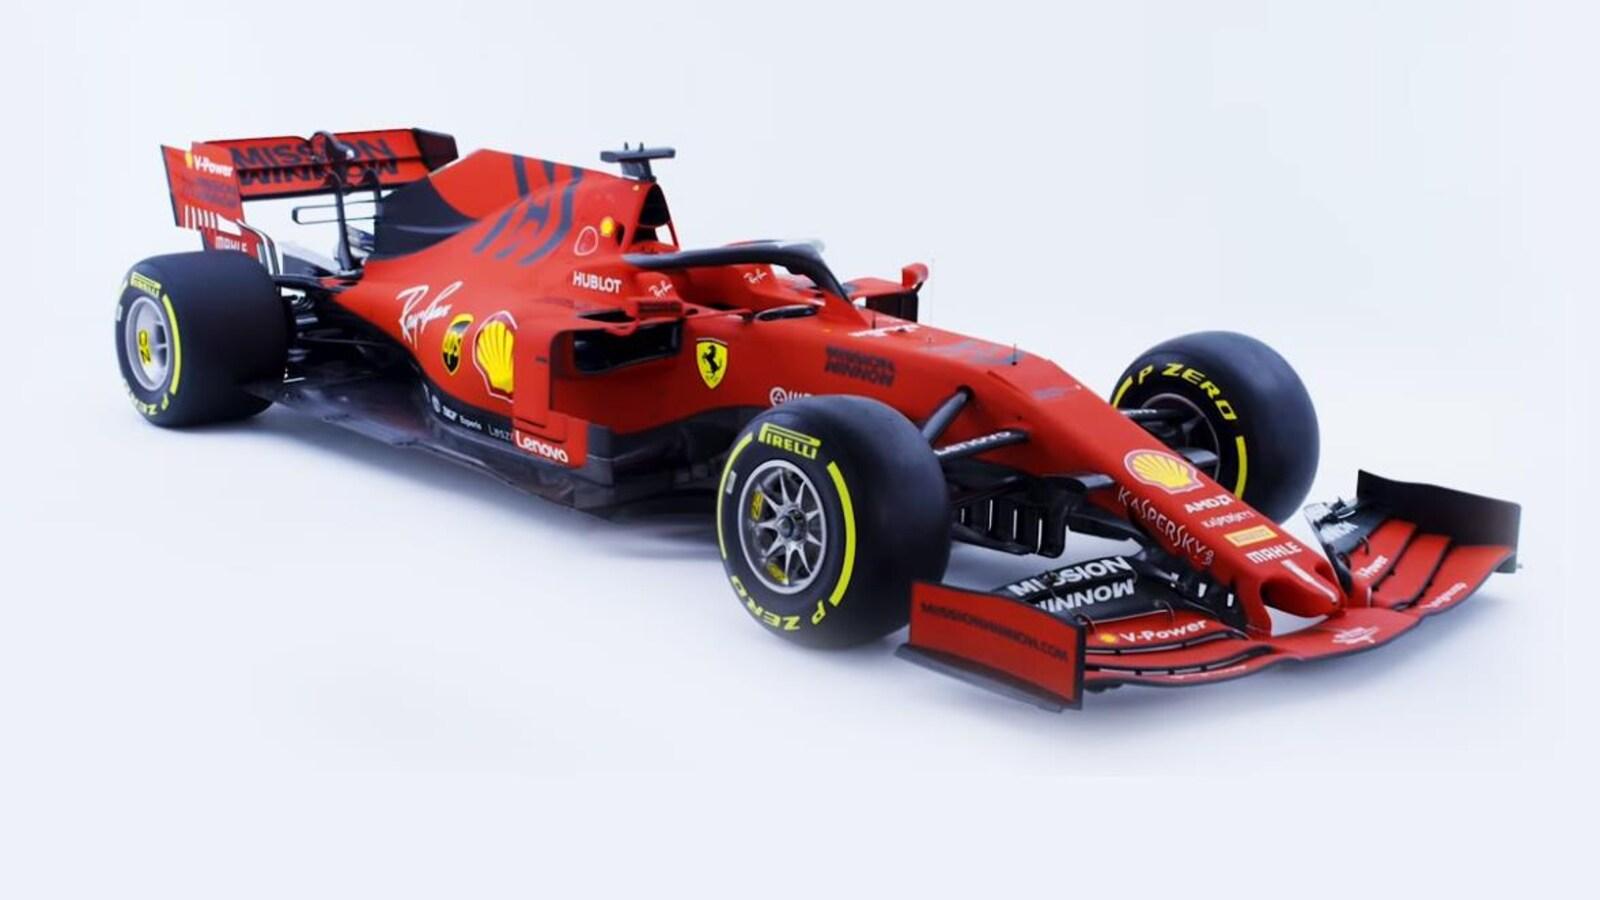 La voiture rouge est photographiée sur un fond bleu pâle.